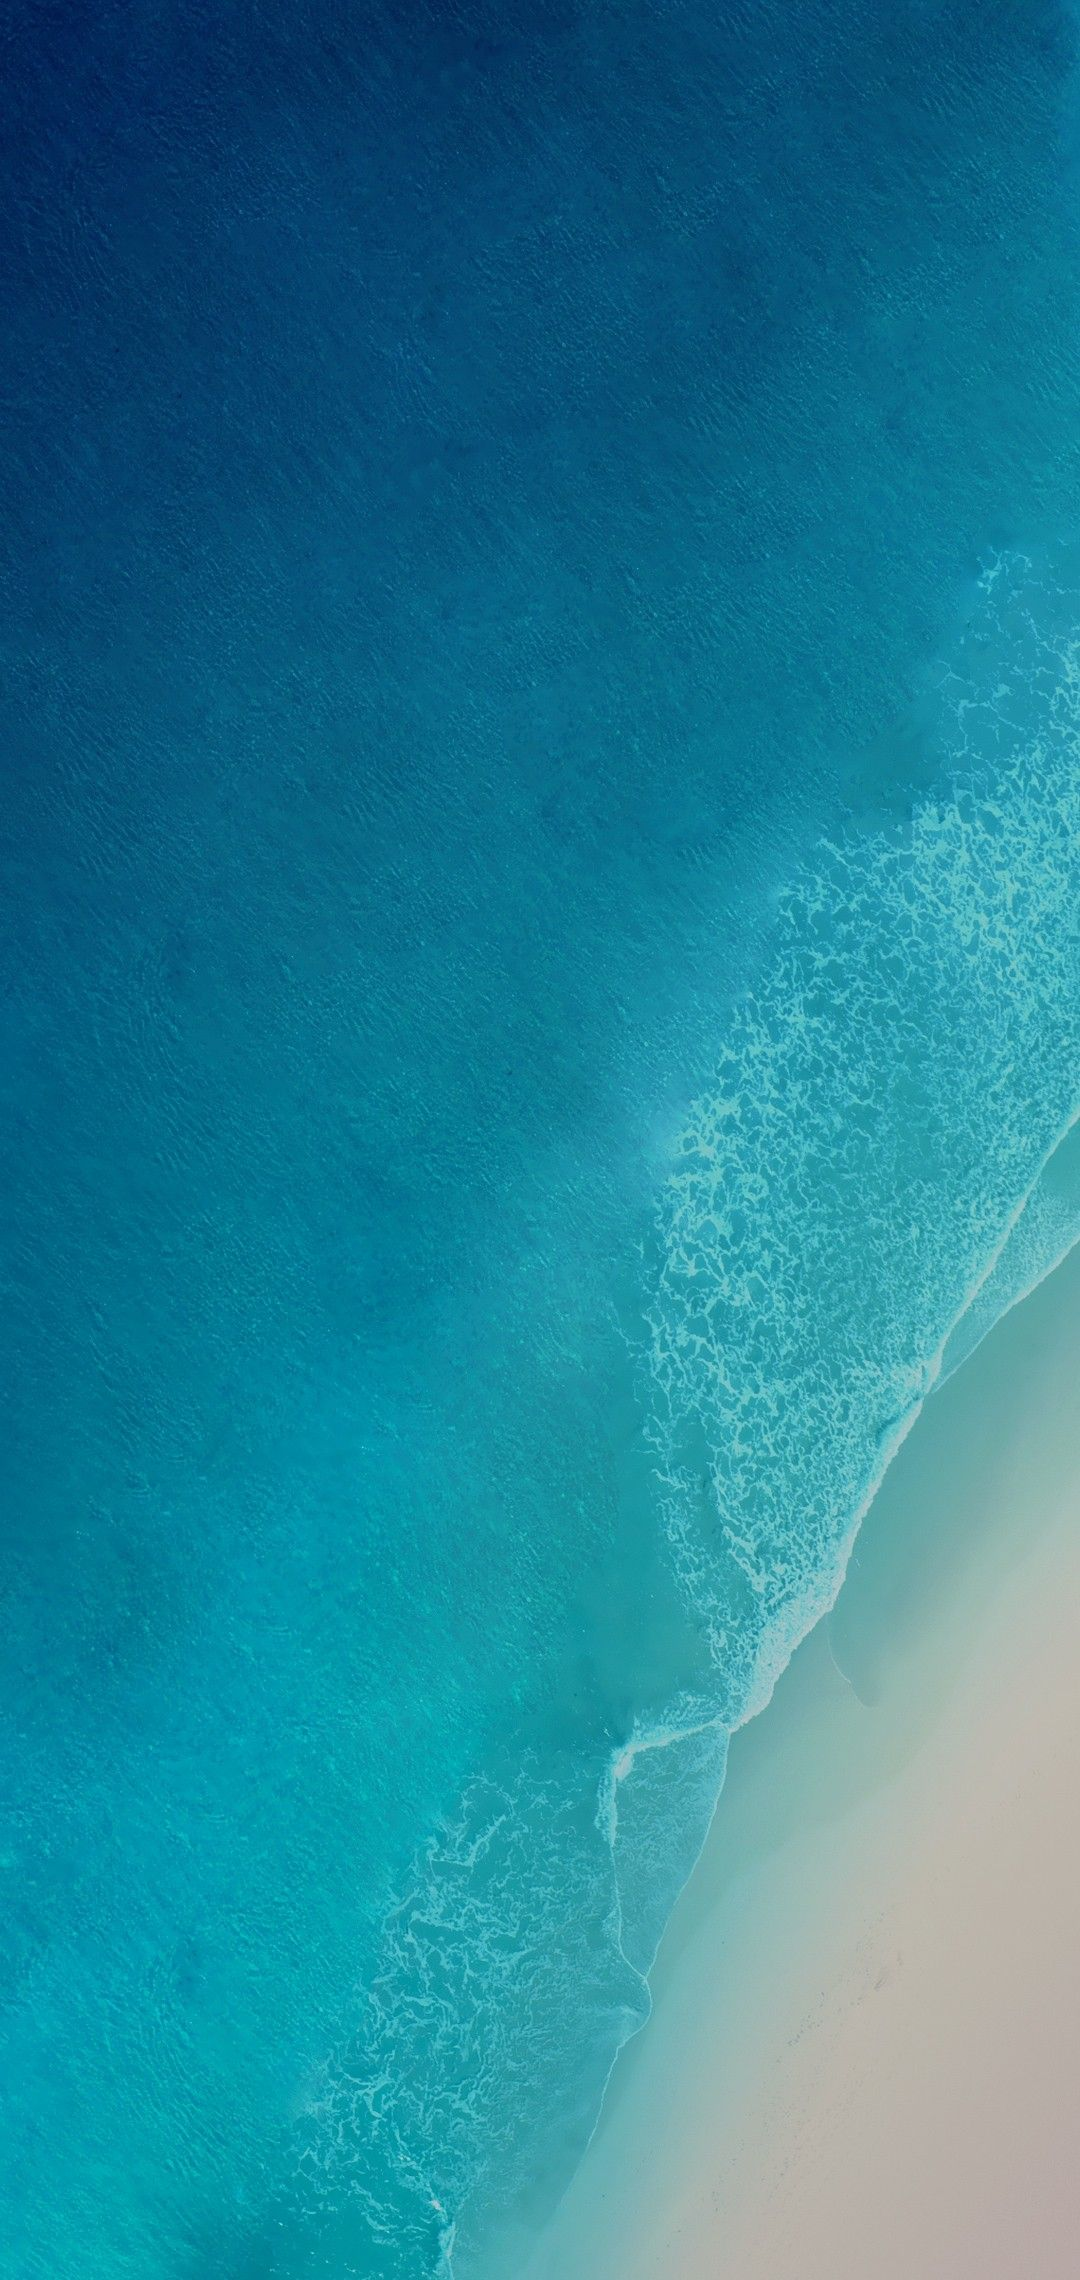 Ios  Iphone X Aqua Blue Water Ocean Apple Wallpaper Iphone  Clean Beauty Colour Ios Minimal